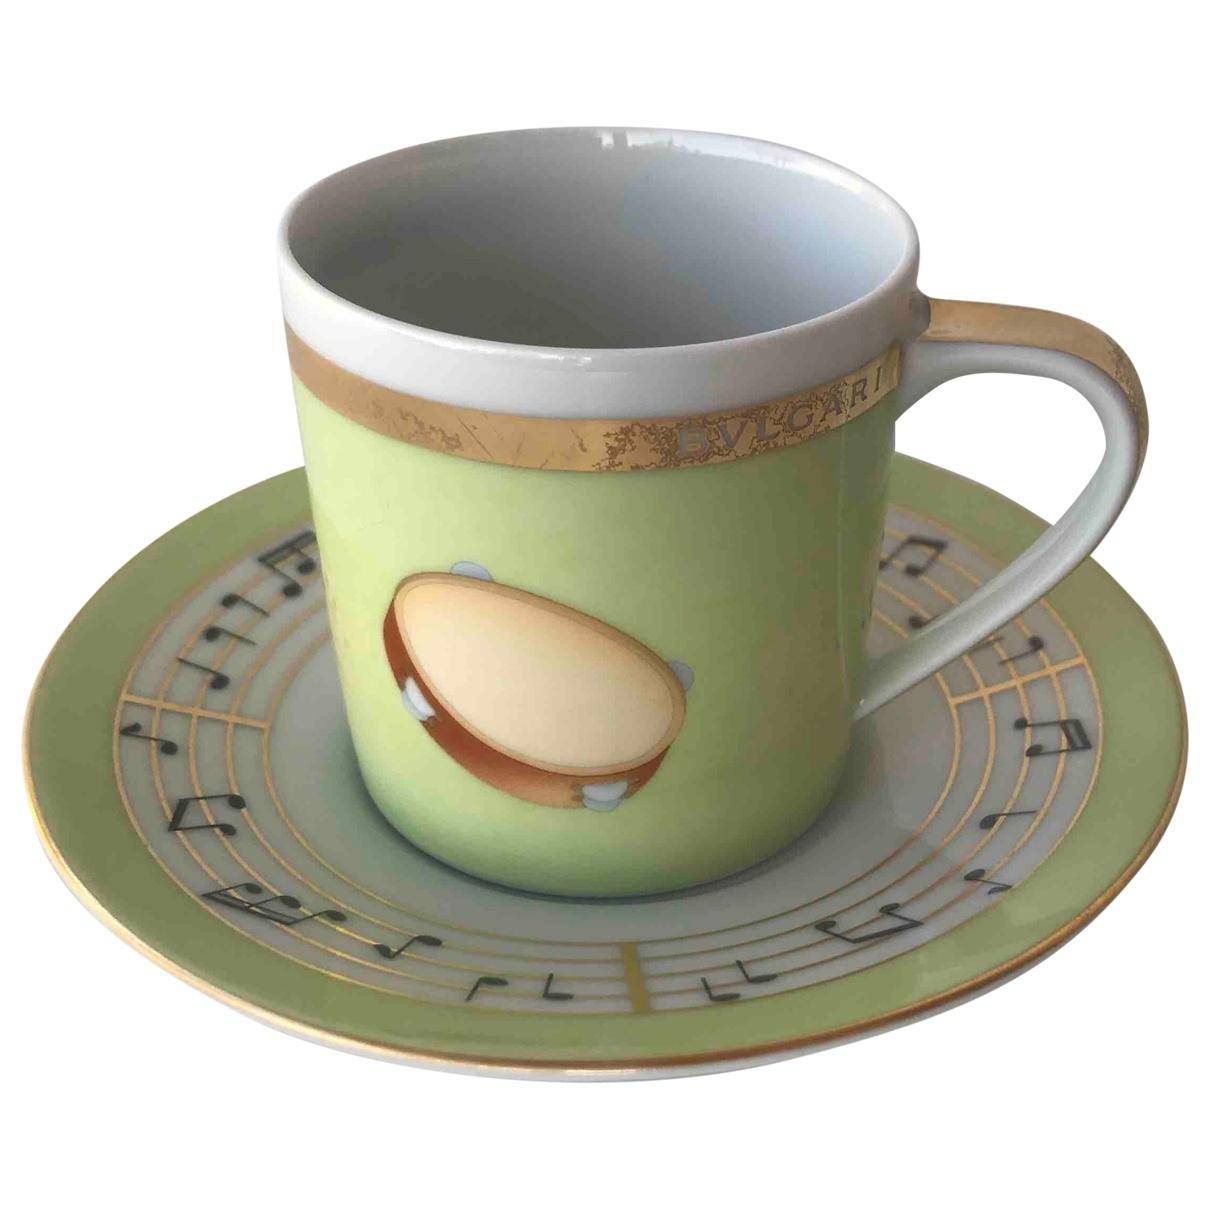 Bvlgari - Arts de la table   pour lifestyle en ceramique - multicolore